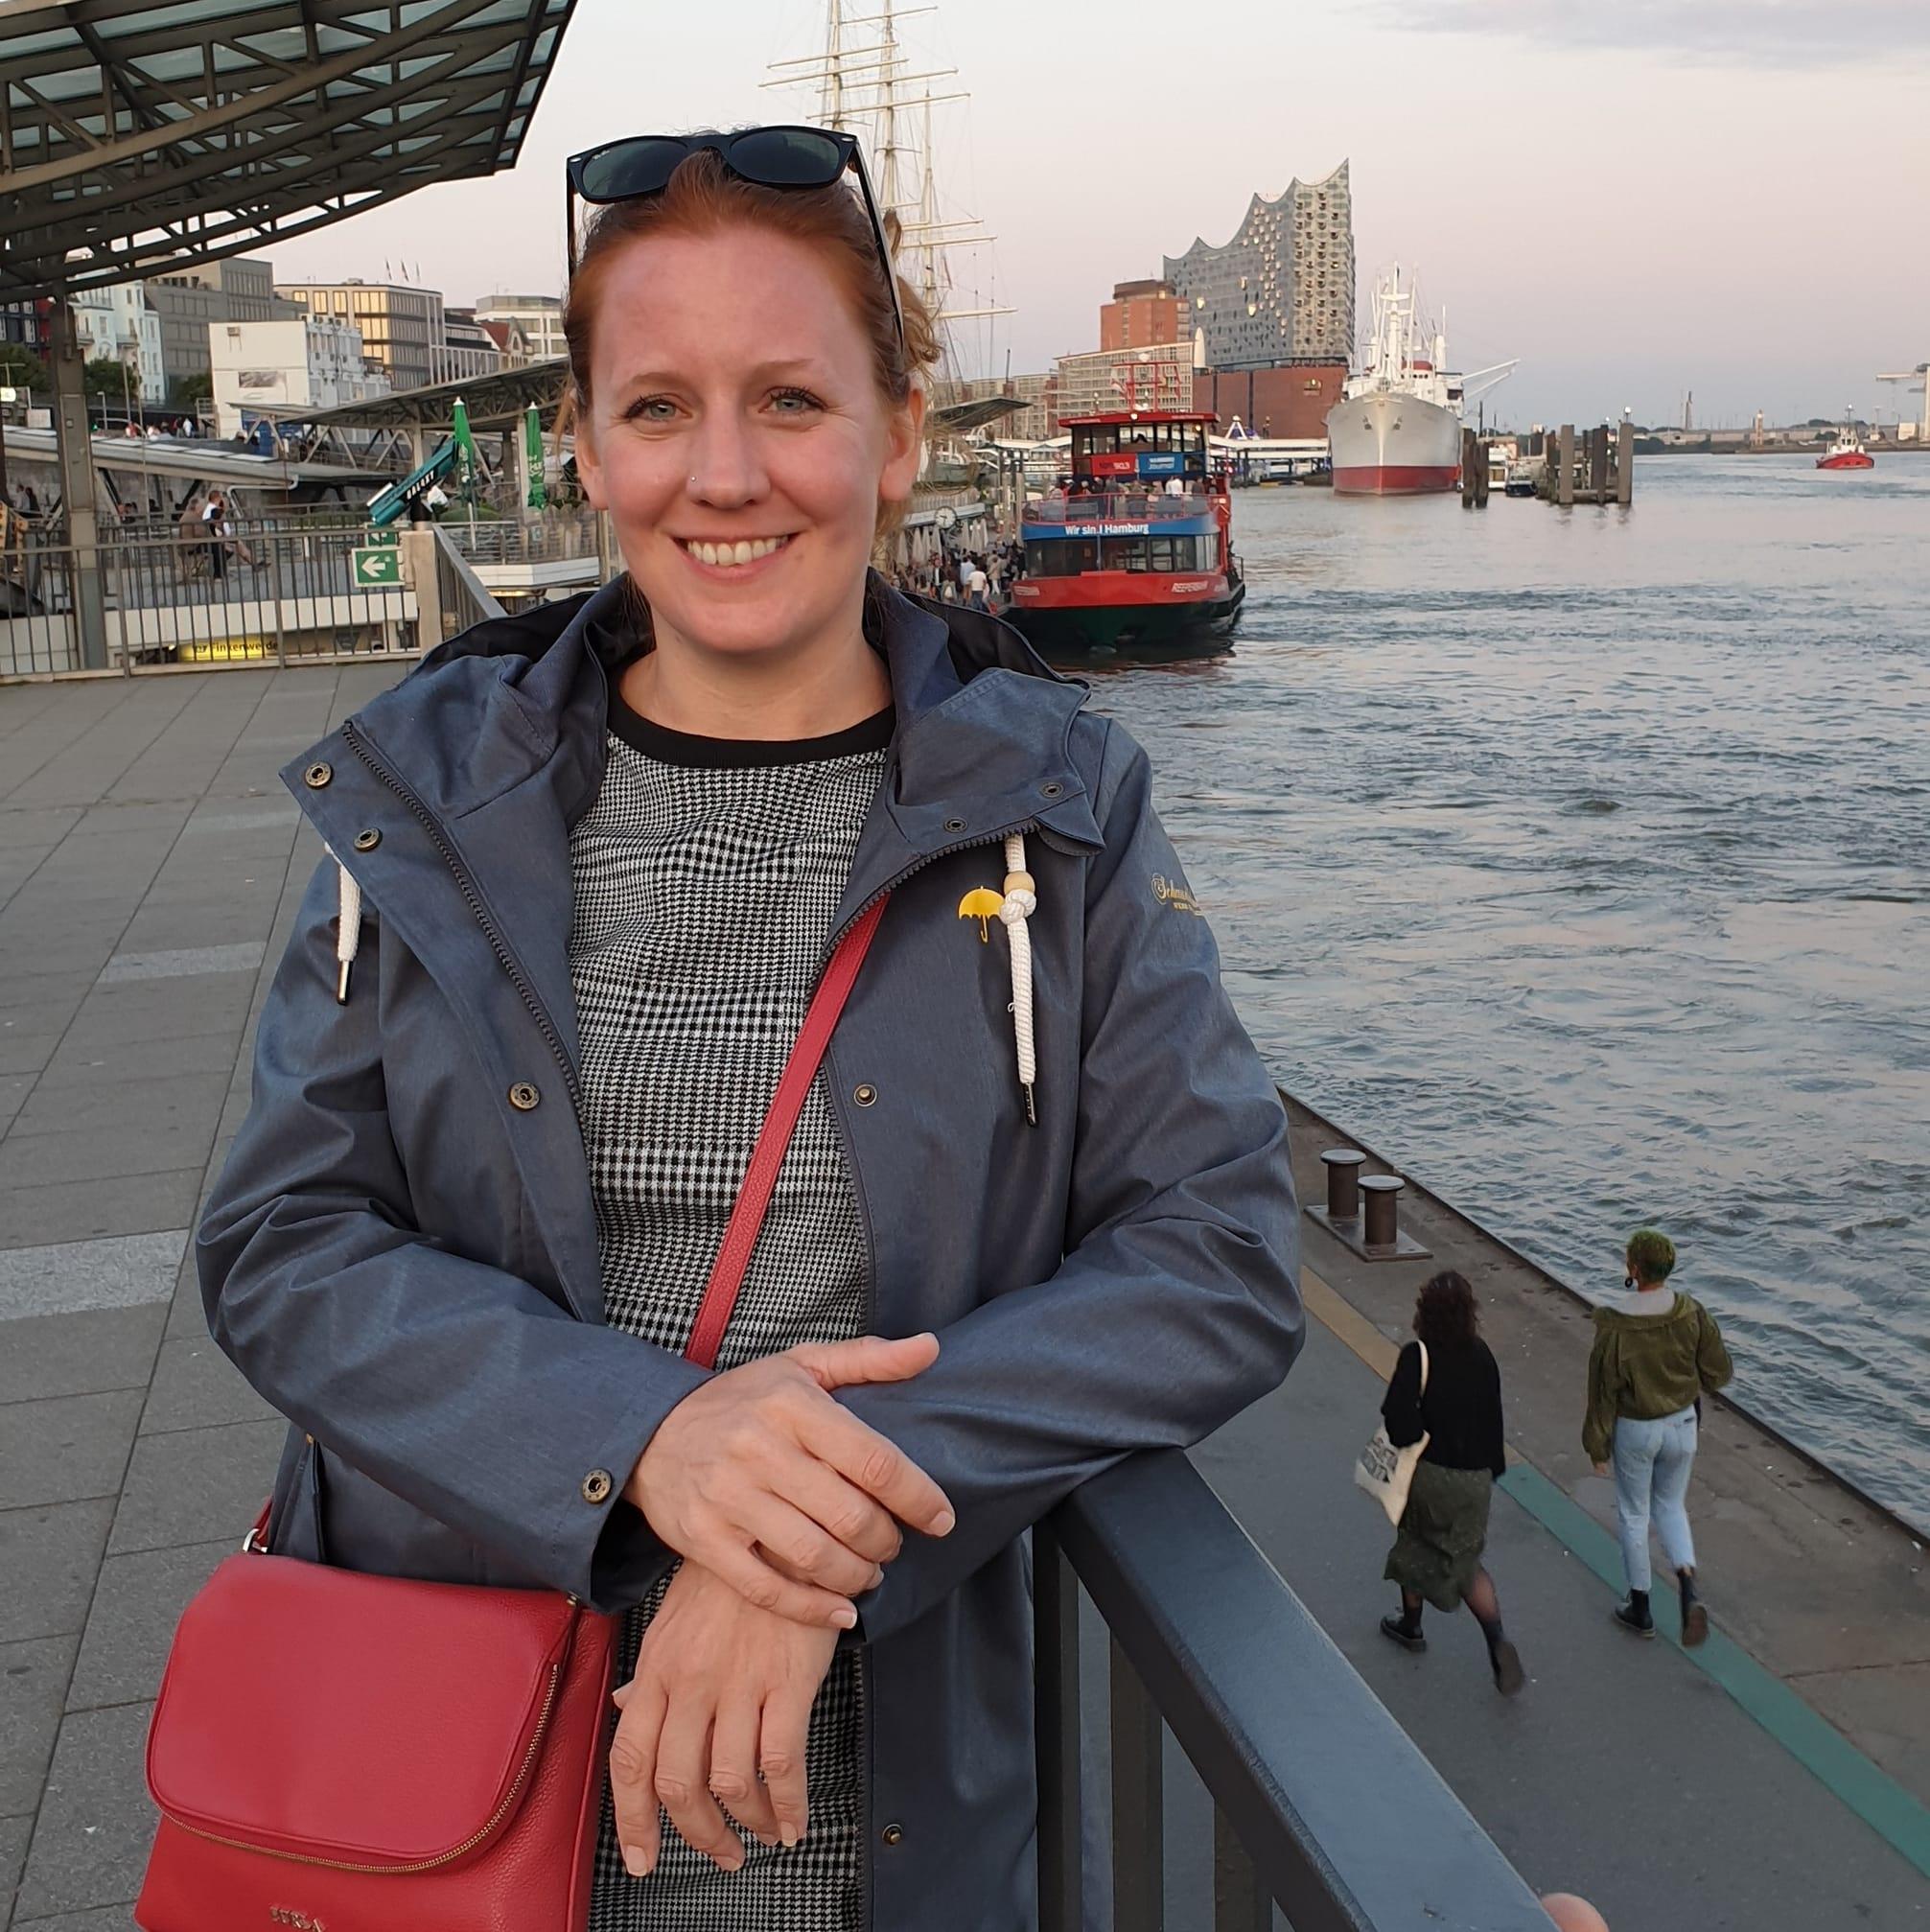 Martina Kiefmann